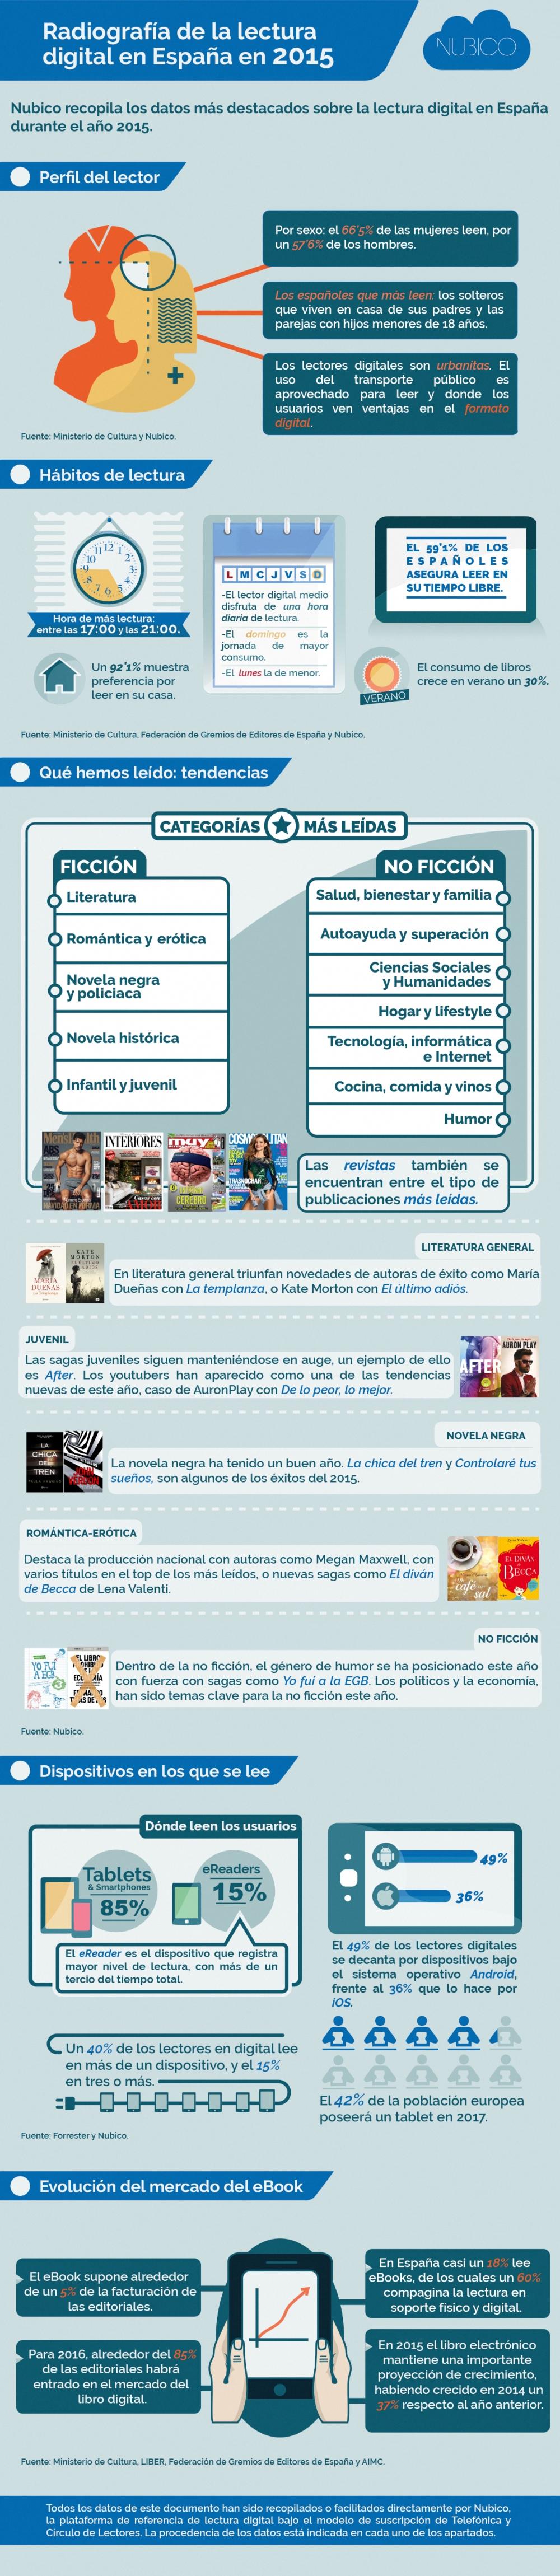 (alta)Radiografía-de-la-lectura-digital-en-España-en-2015